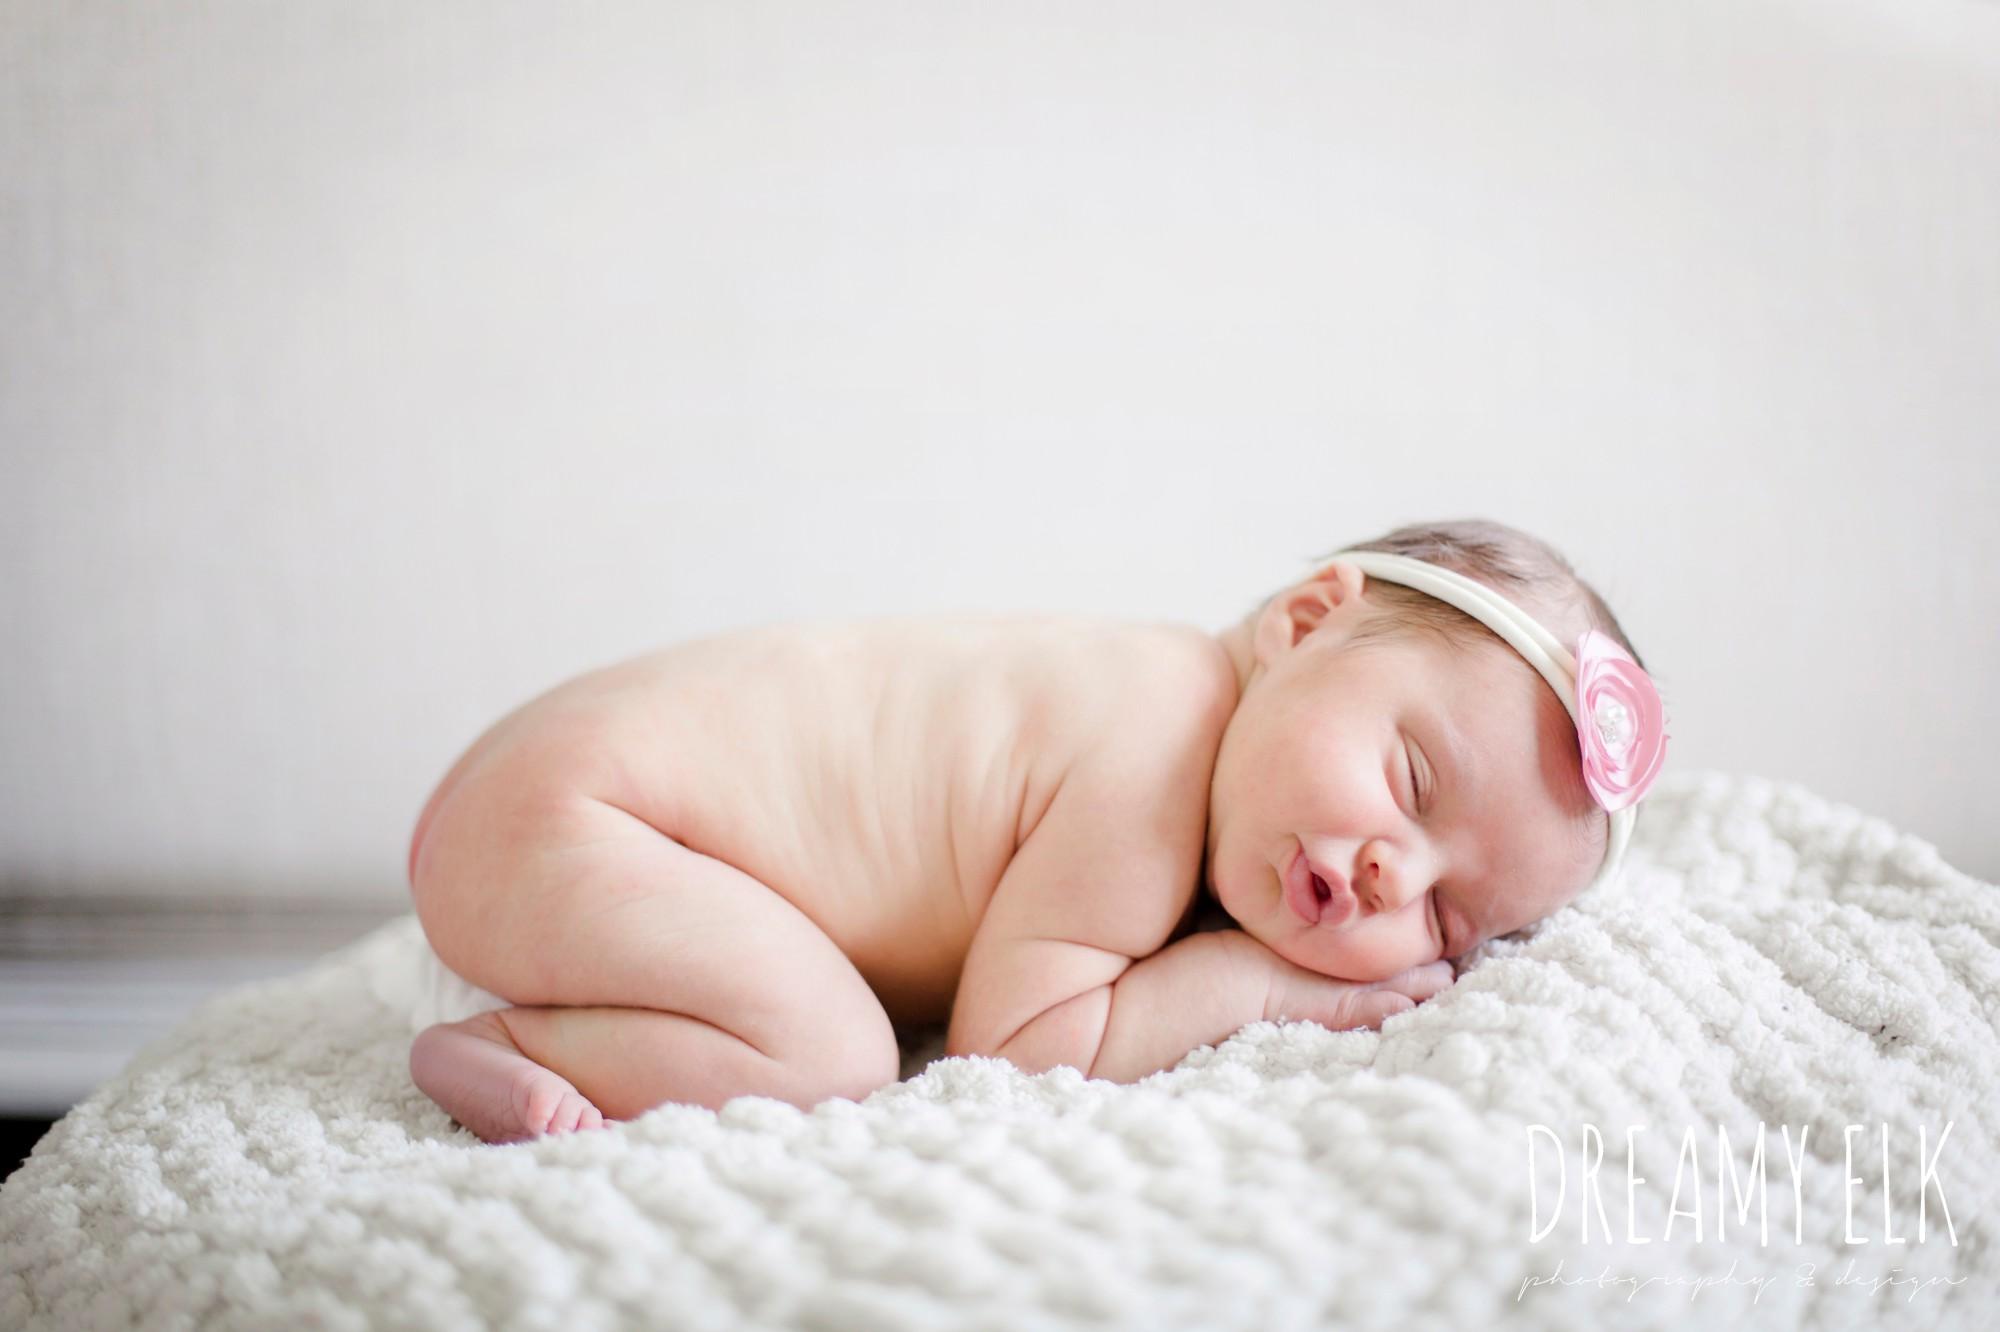 newborn baby girl photo, naked baby